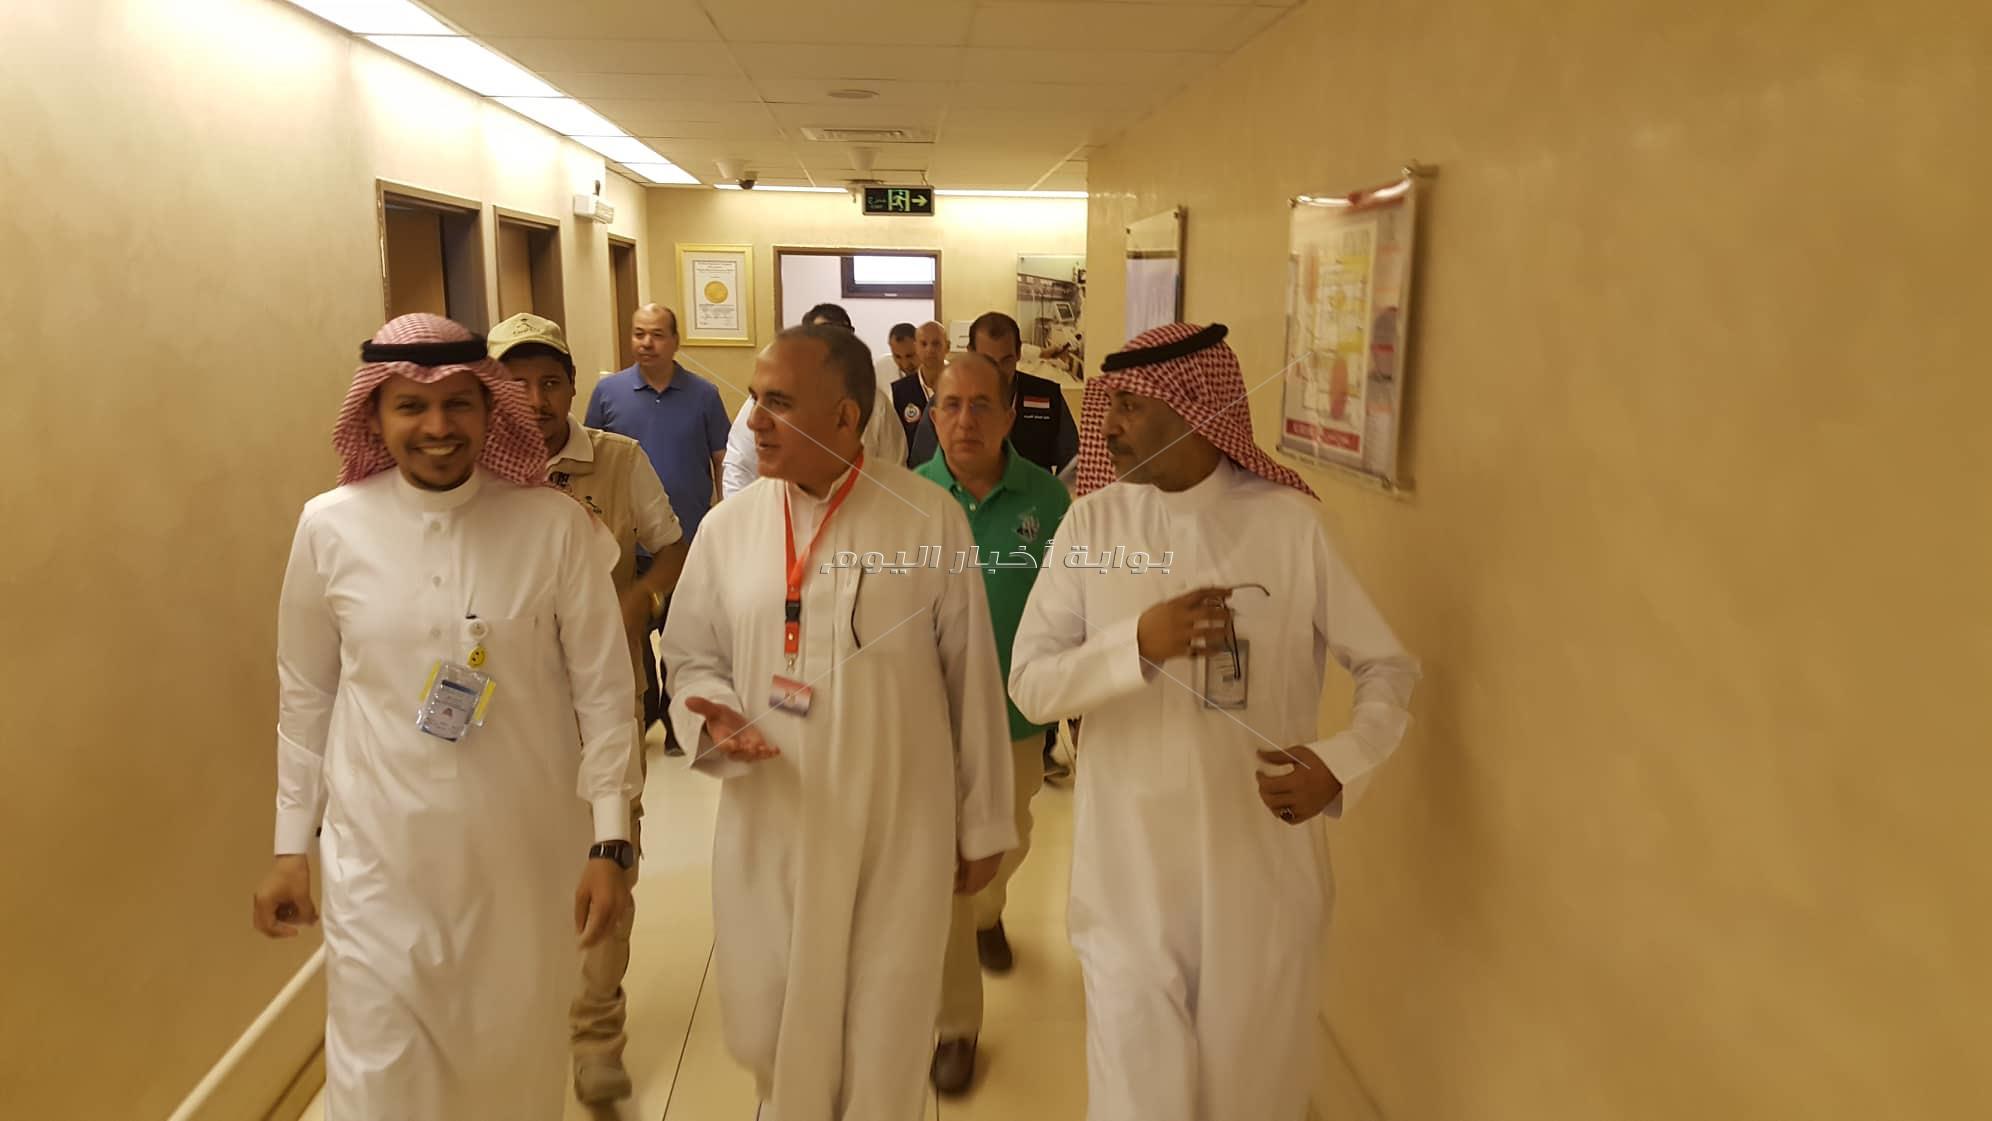 بالصور ..رئيس بعثة الحج المصرية يتفقد المرضى للاطمئنان عليهم